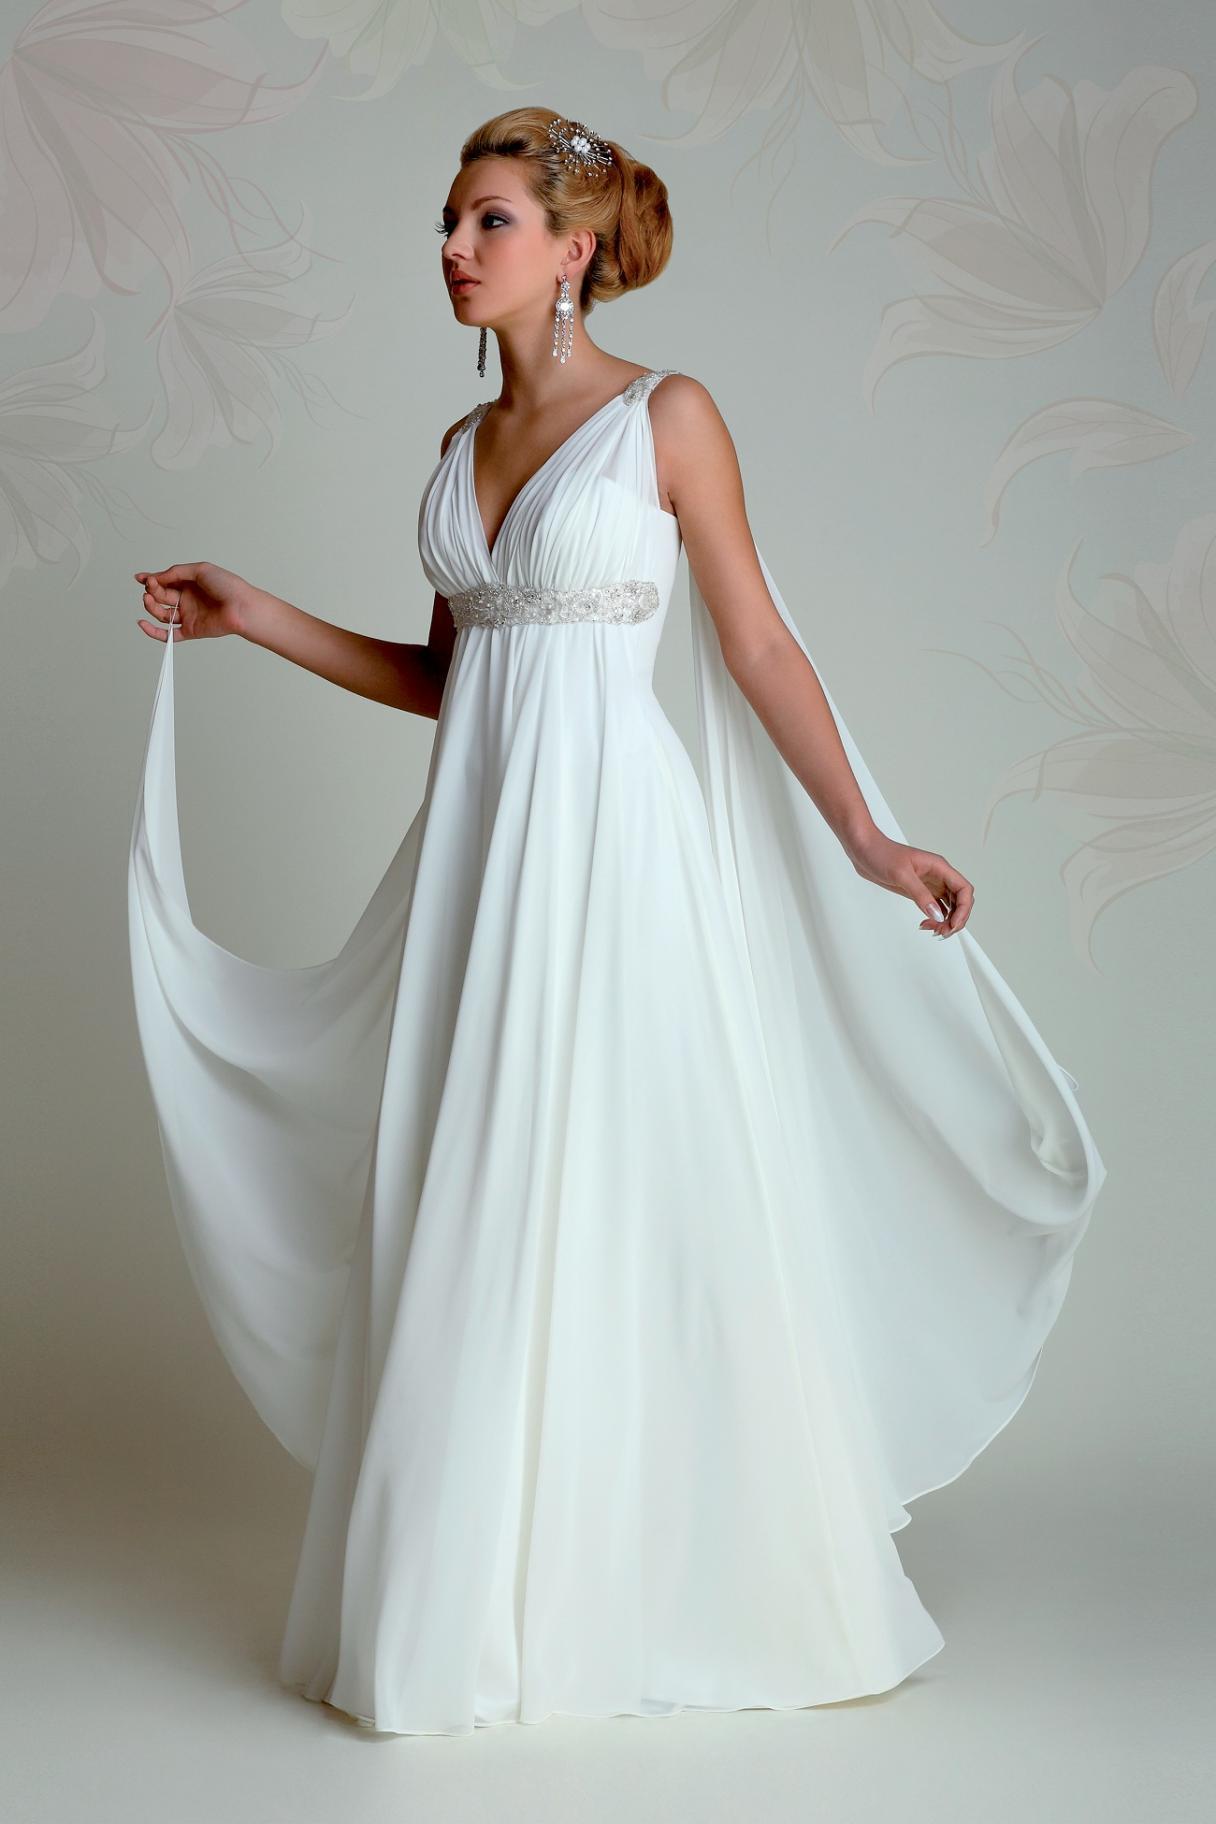 Griechische Göttin Brautkleider 13 mit V-Ausschnitt Reich einer Linie in  voller Länge mit Perlen verziert Weiß Chiffon-Sommer-Strand-Brautkleider